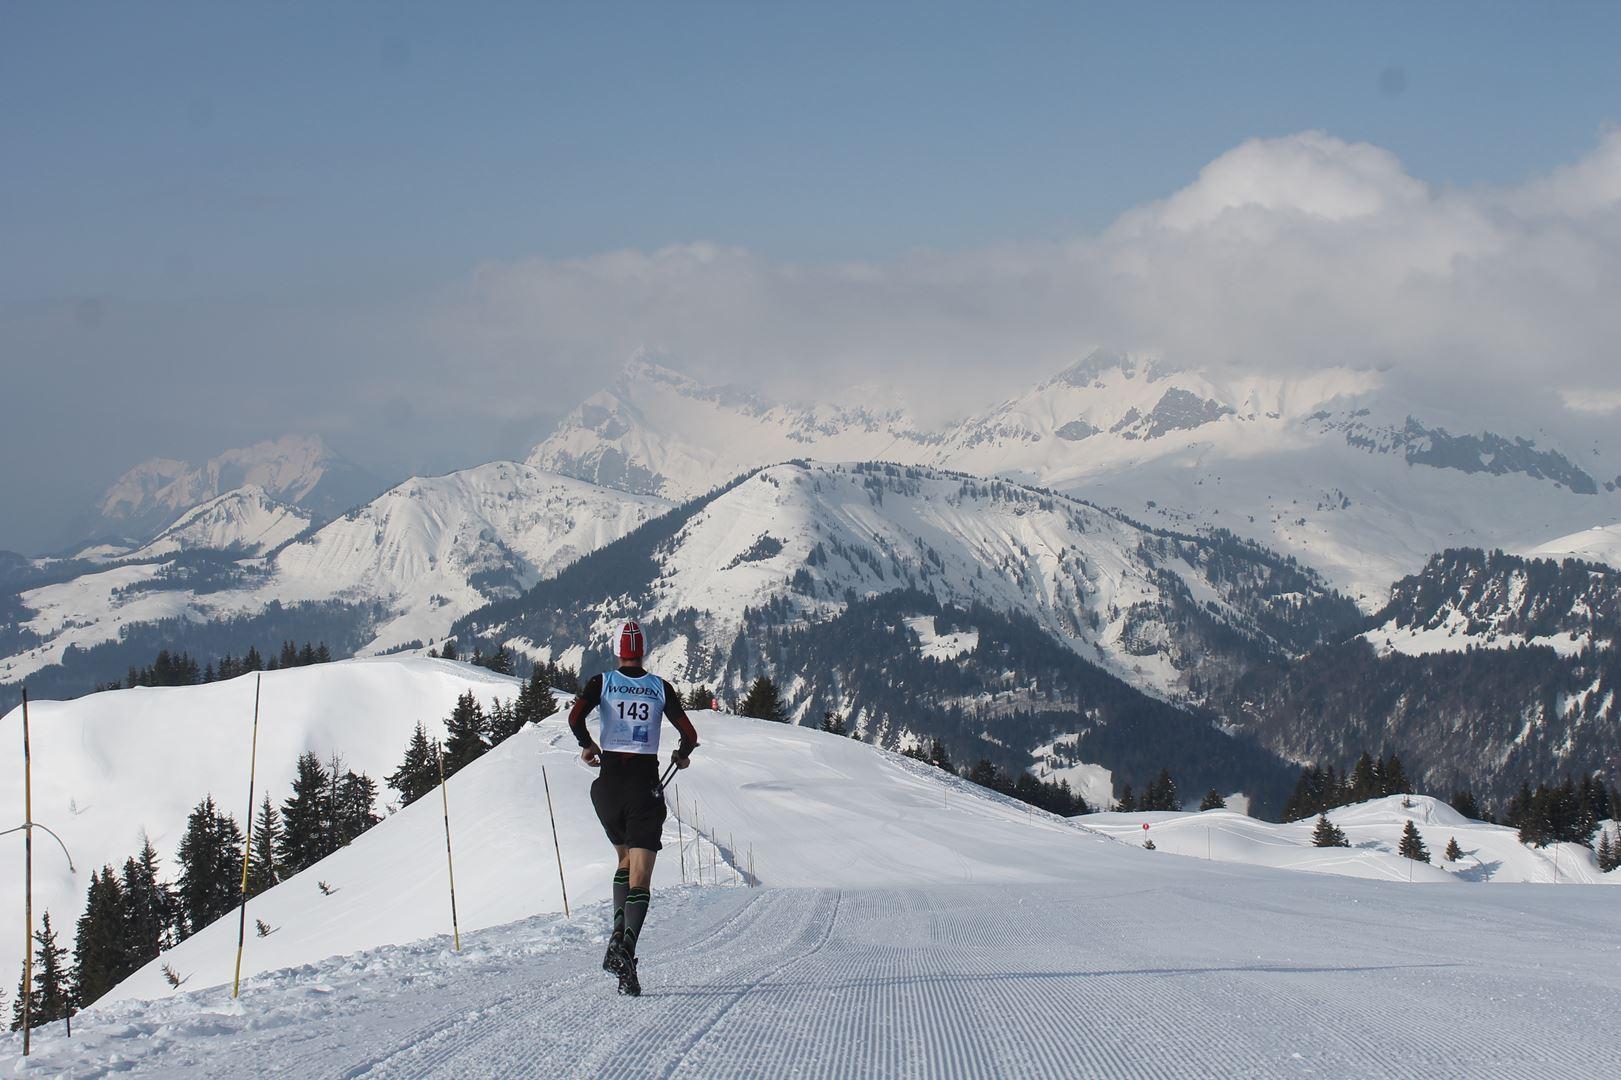 Alexandre Pélliccier de dos à la Torraz 1 - RESULTATS PHOTOS ET COMPTE RENDU DU 9EME ARAVIS SNOW TRAIL (La Giettaz73) 25-03-2018